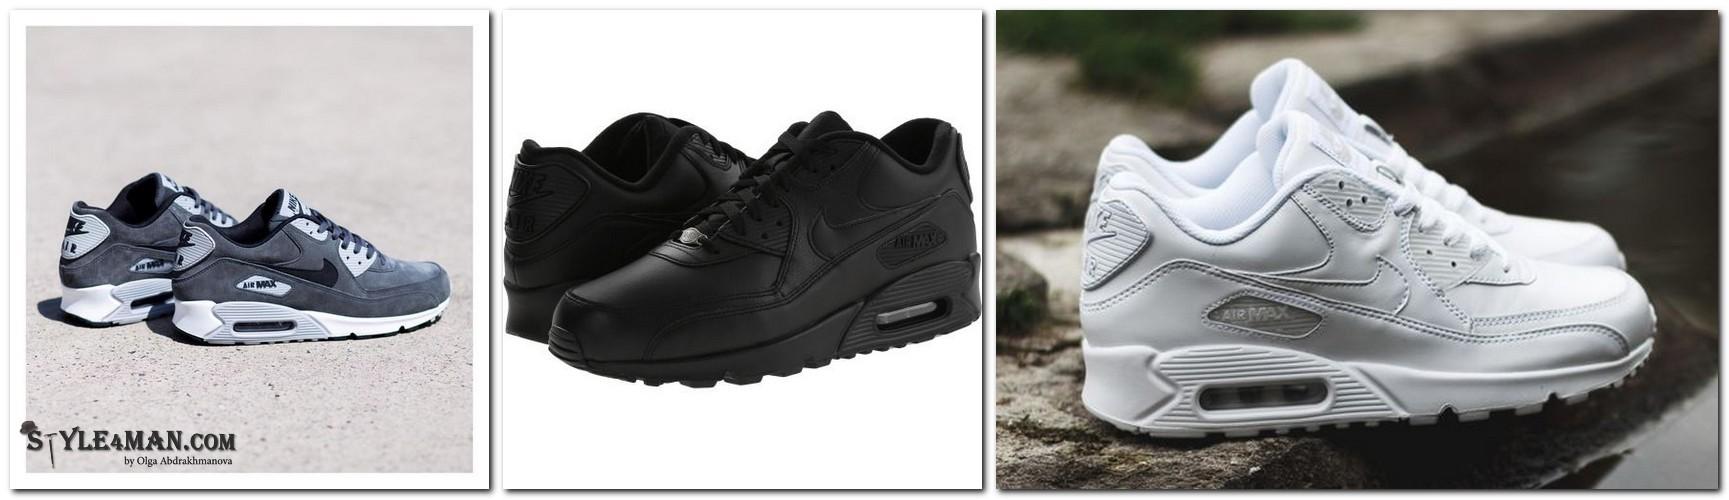 3c95add551fd Все модели кроссовок Найк Аир Макс - обзор с фото Nike Air Max на ...